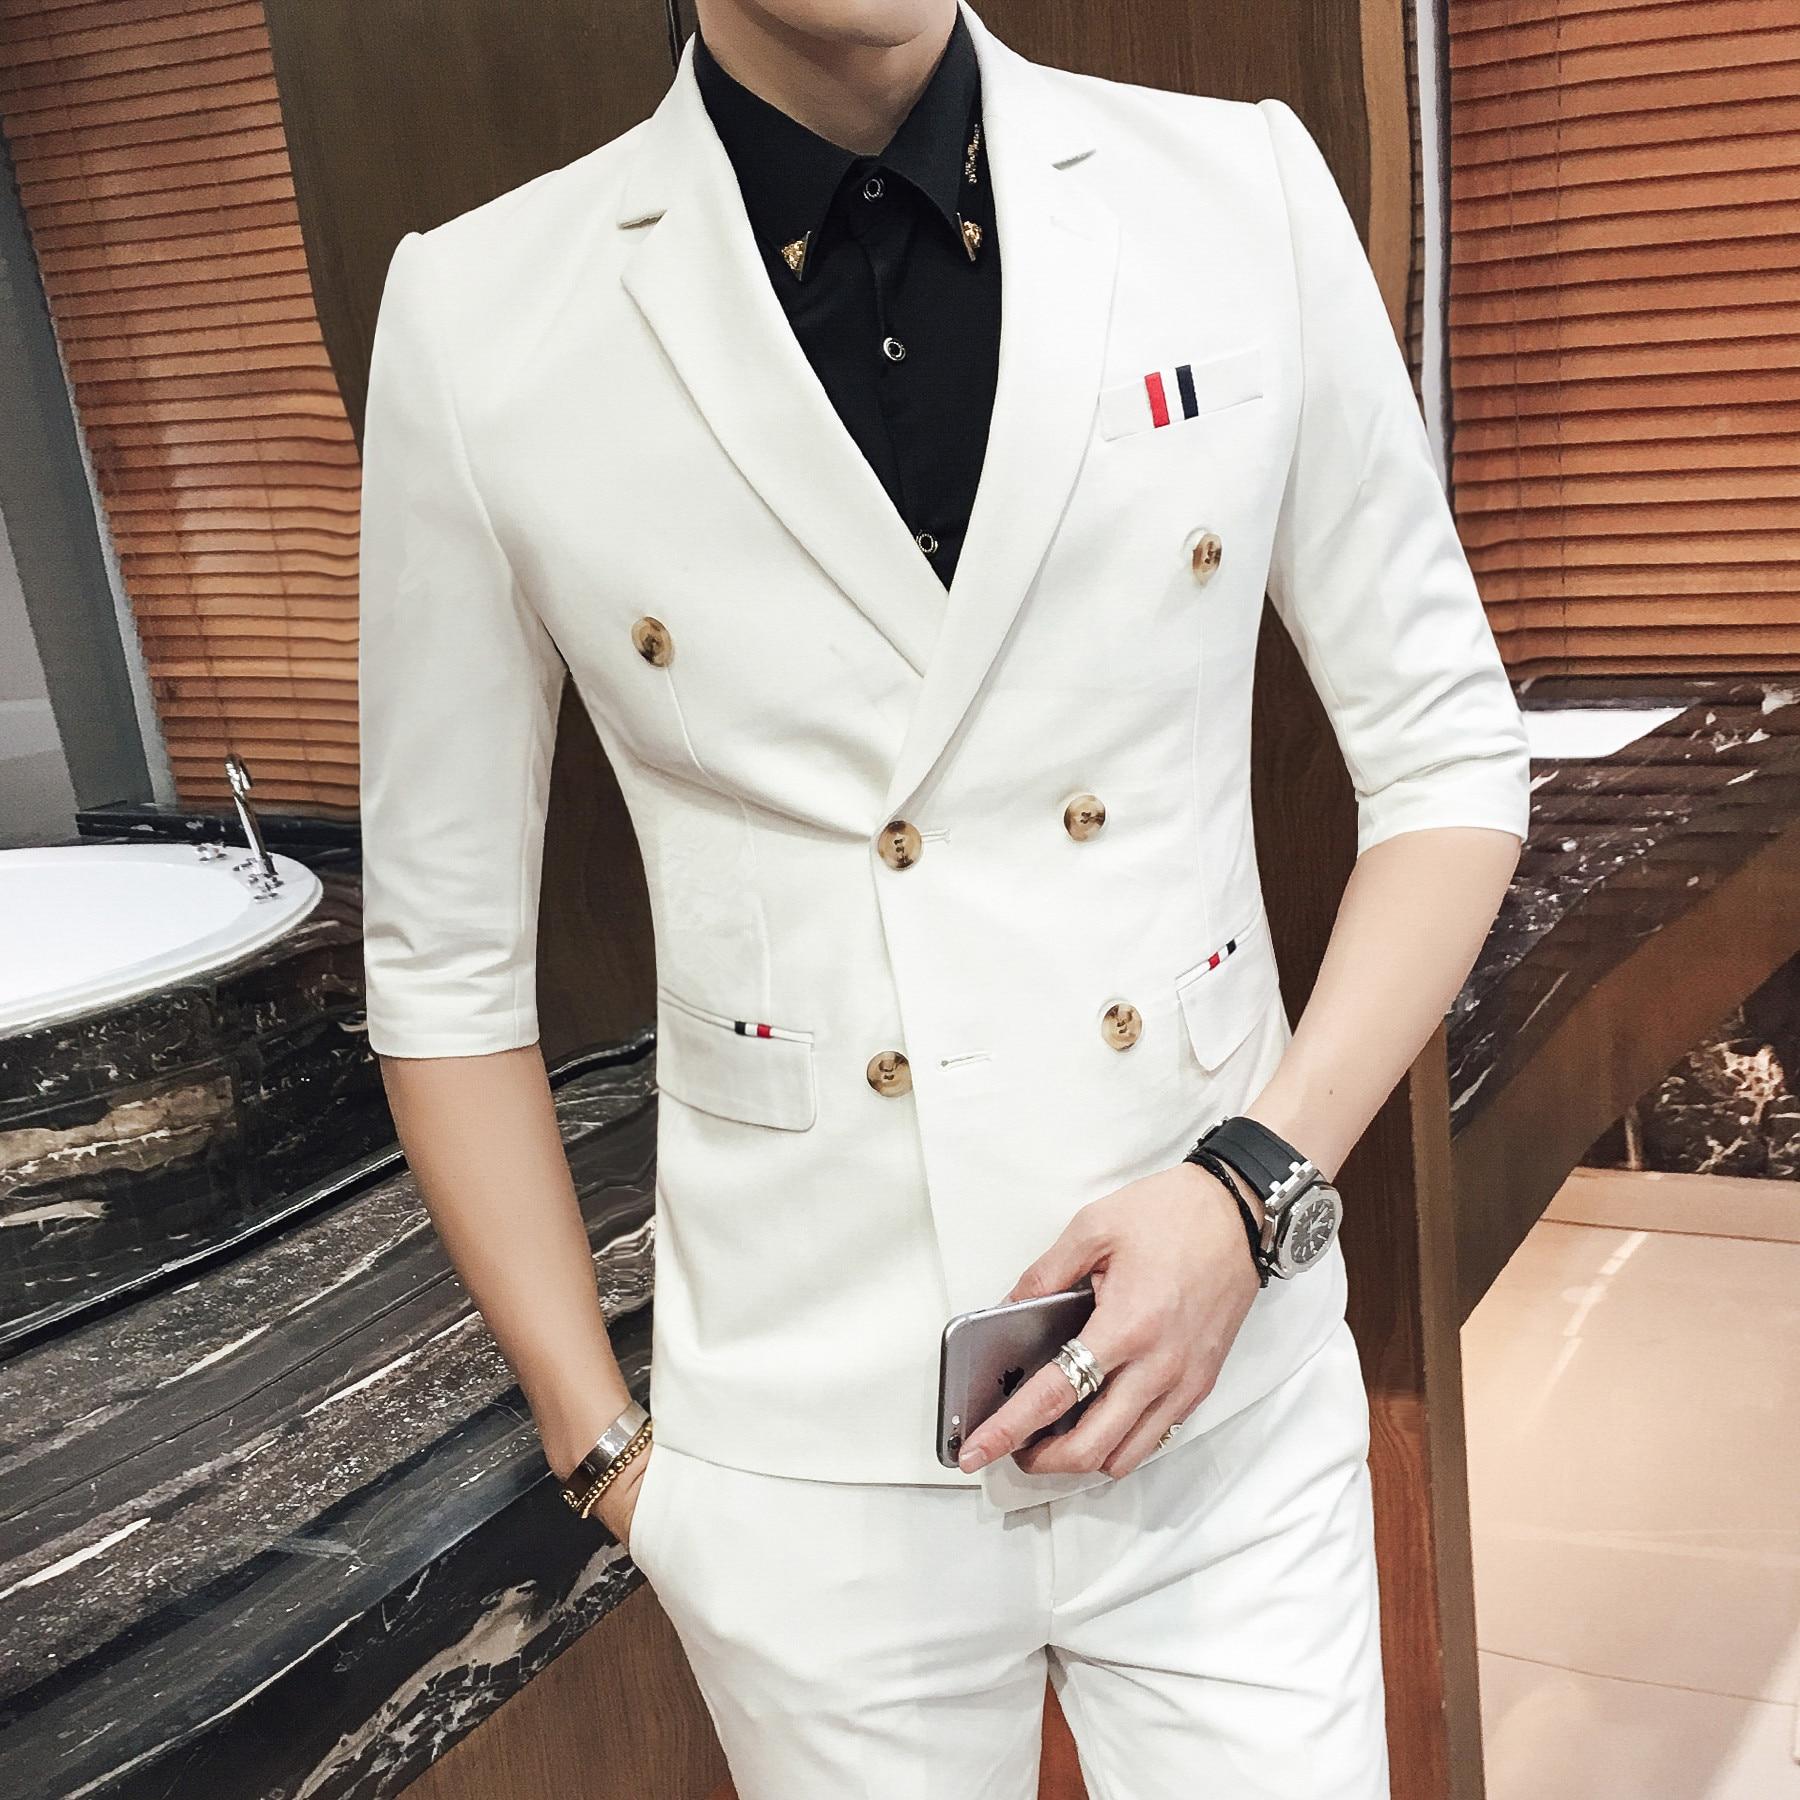 Ciel Pourpres Bleu Mariage bleu Slim pourpre De Double Terno Kaki Blanc pu kaki blanc Homme Breasted 2018 Costume Noir Courtes Costumes rouge Hommes Rouge gris Hx5tvAqxw